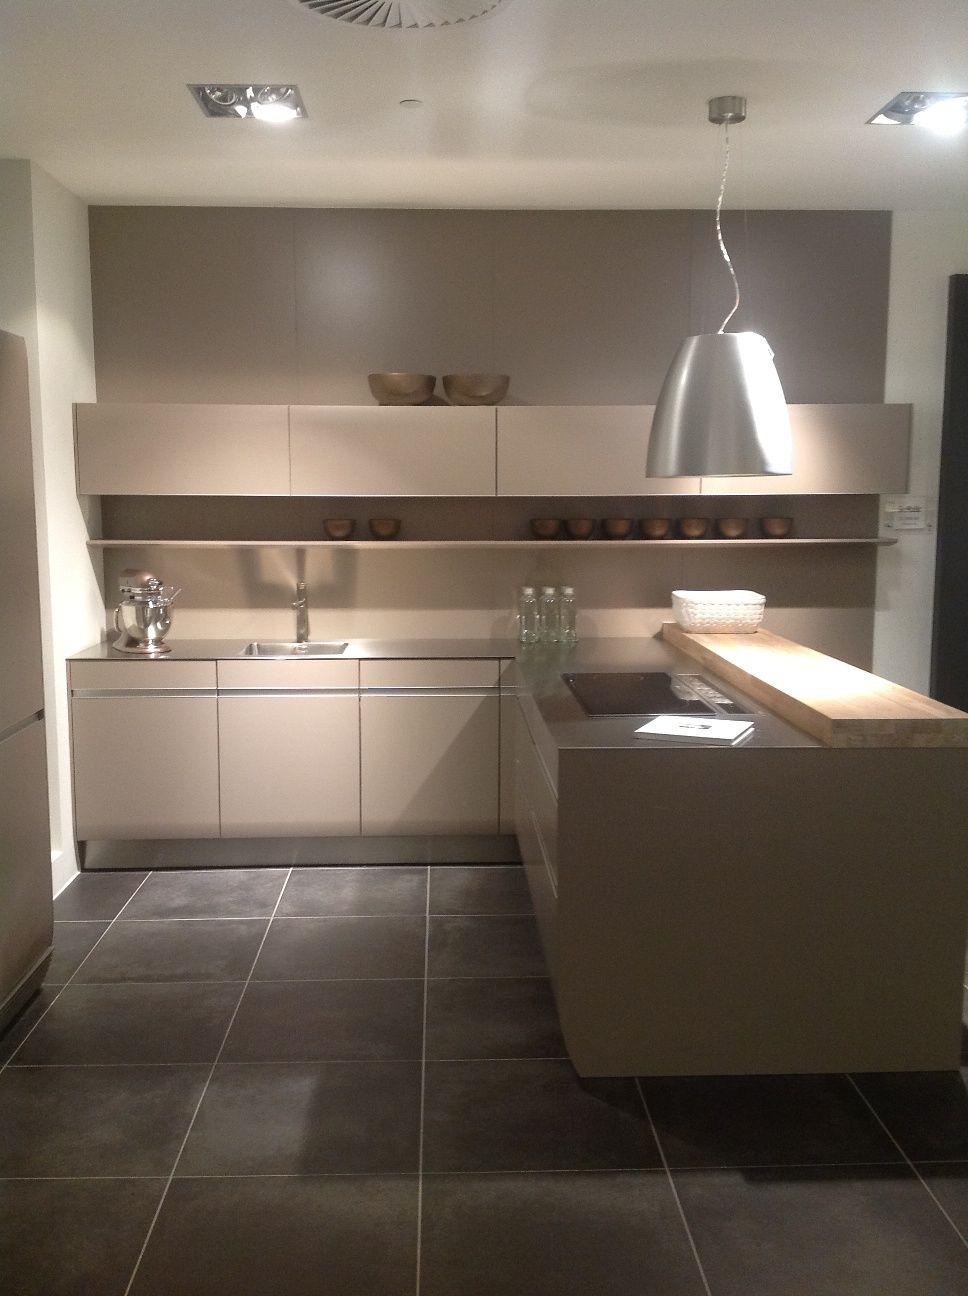 ... keukens voor zeer lage keuken prijzen  SieMatic luxe designkeuken